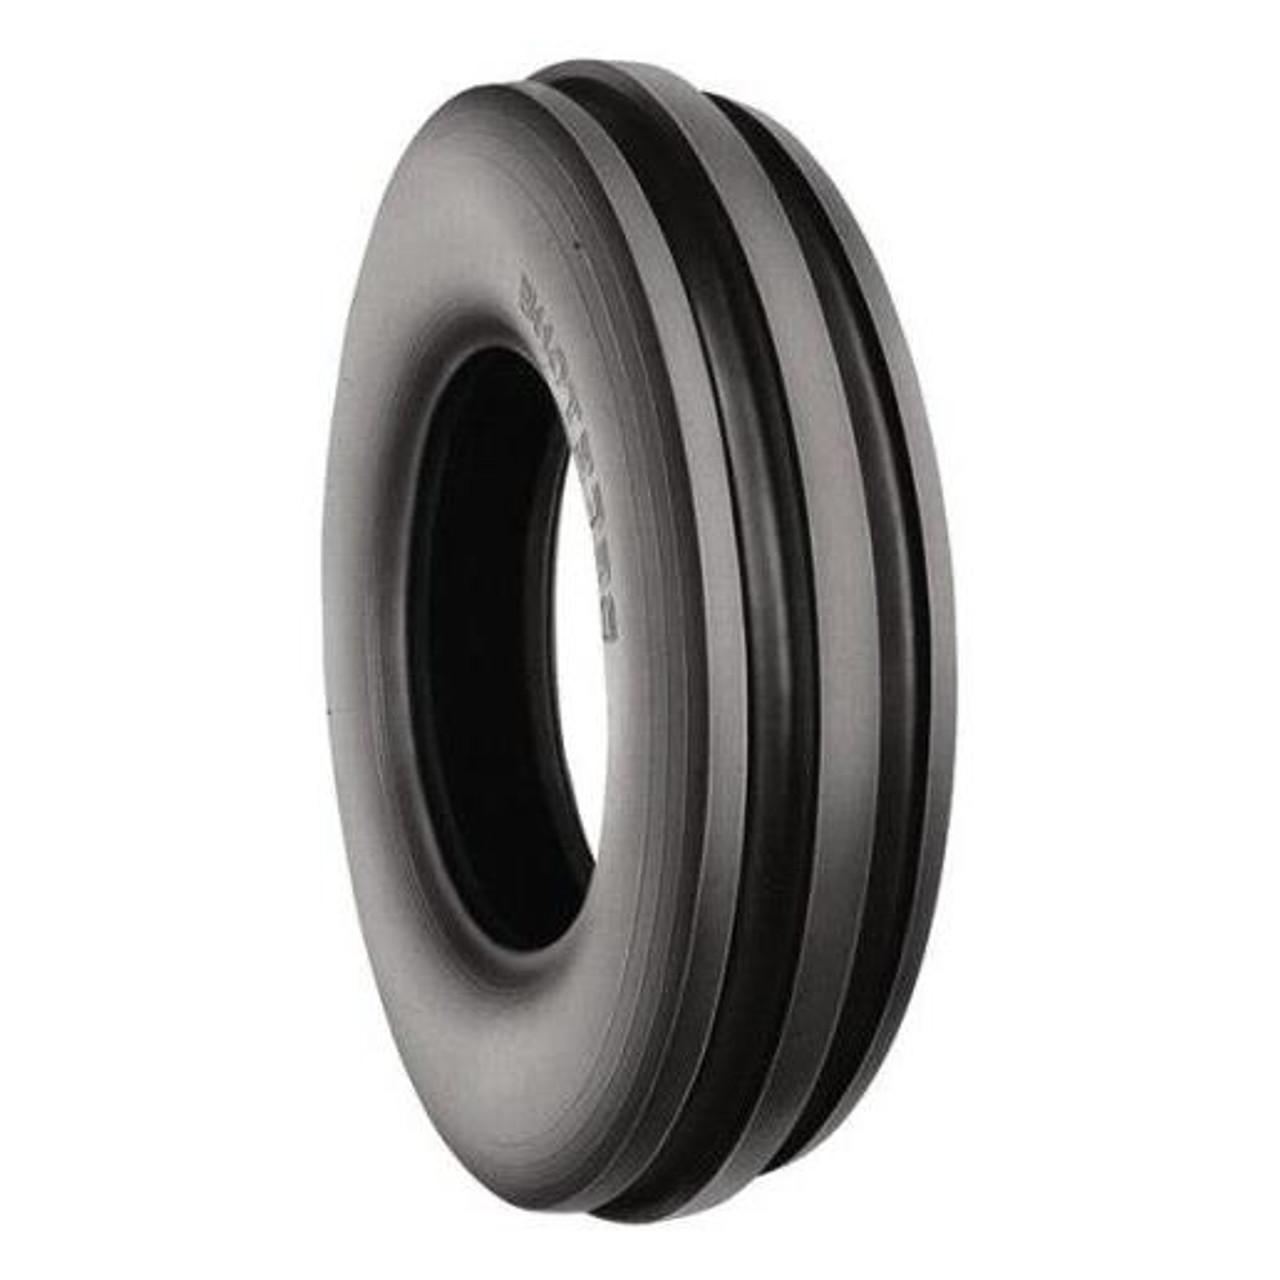 10.00-16 Firestone Regency 3Rib F-2 D//8 Ply Tire